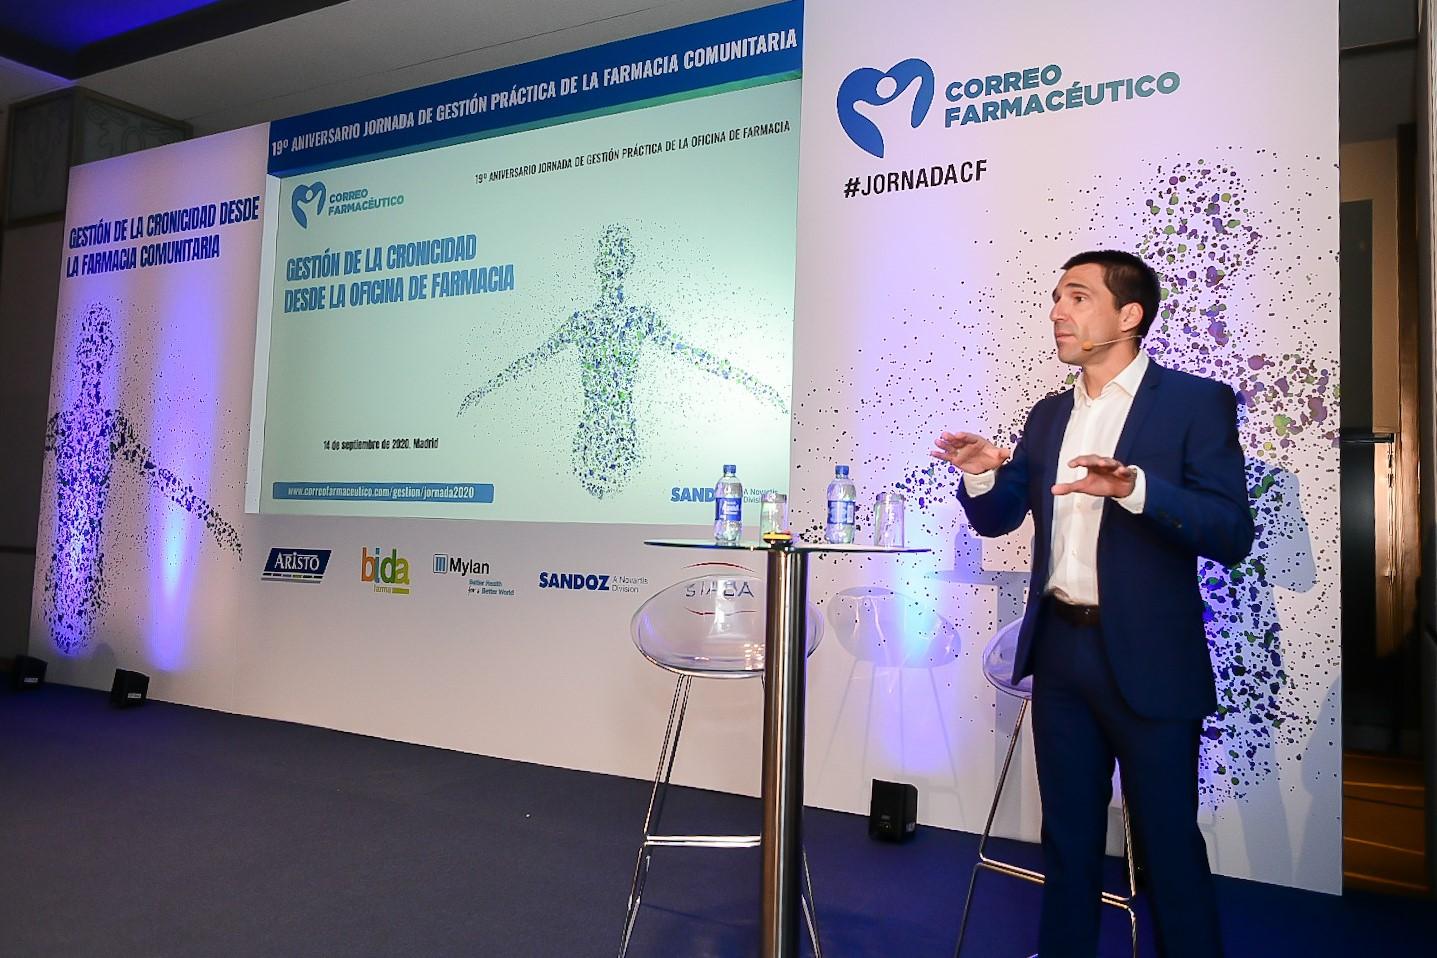 Miguel González Corral, director de CF, dando la bienvenida a los que han seguido 'in situ' y 'on line' la XIX Jornada de Gestión Práctica de la Oficina de Farmacia.